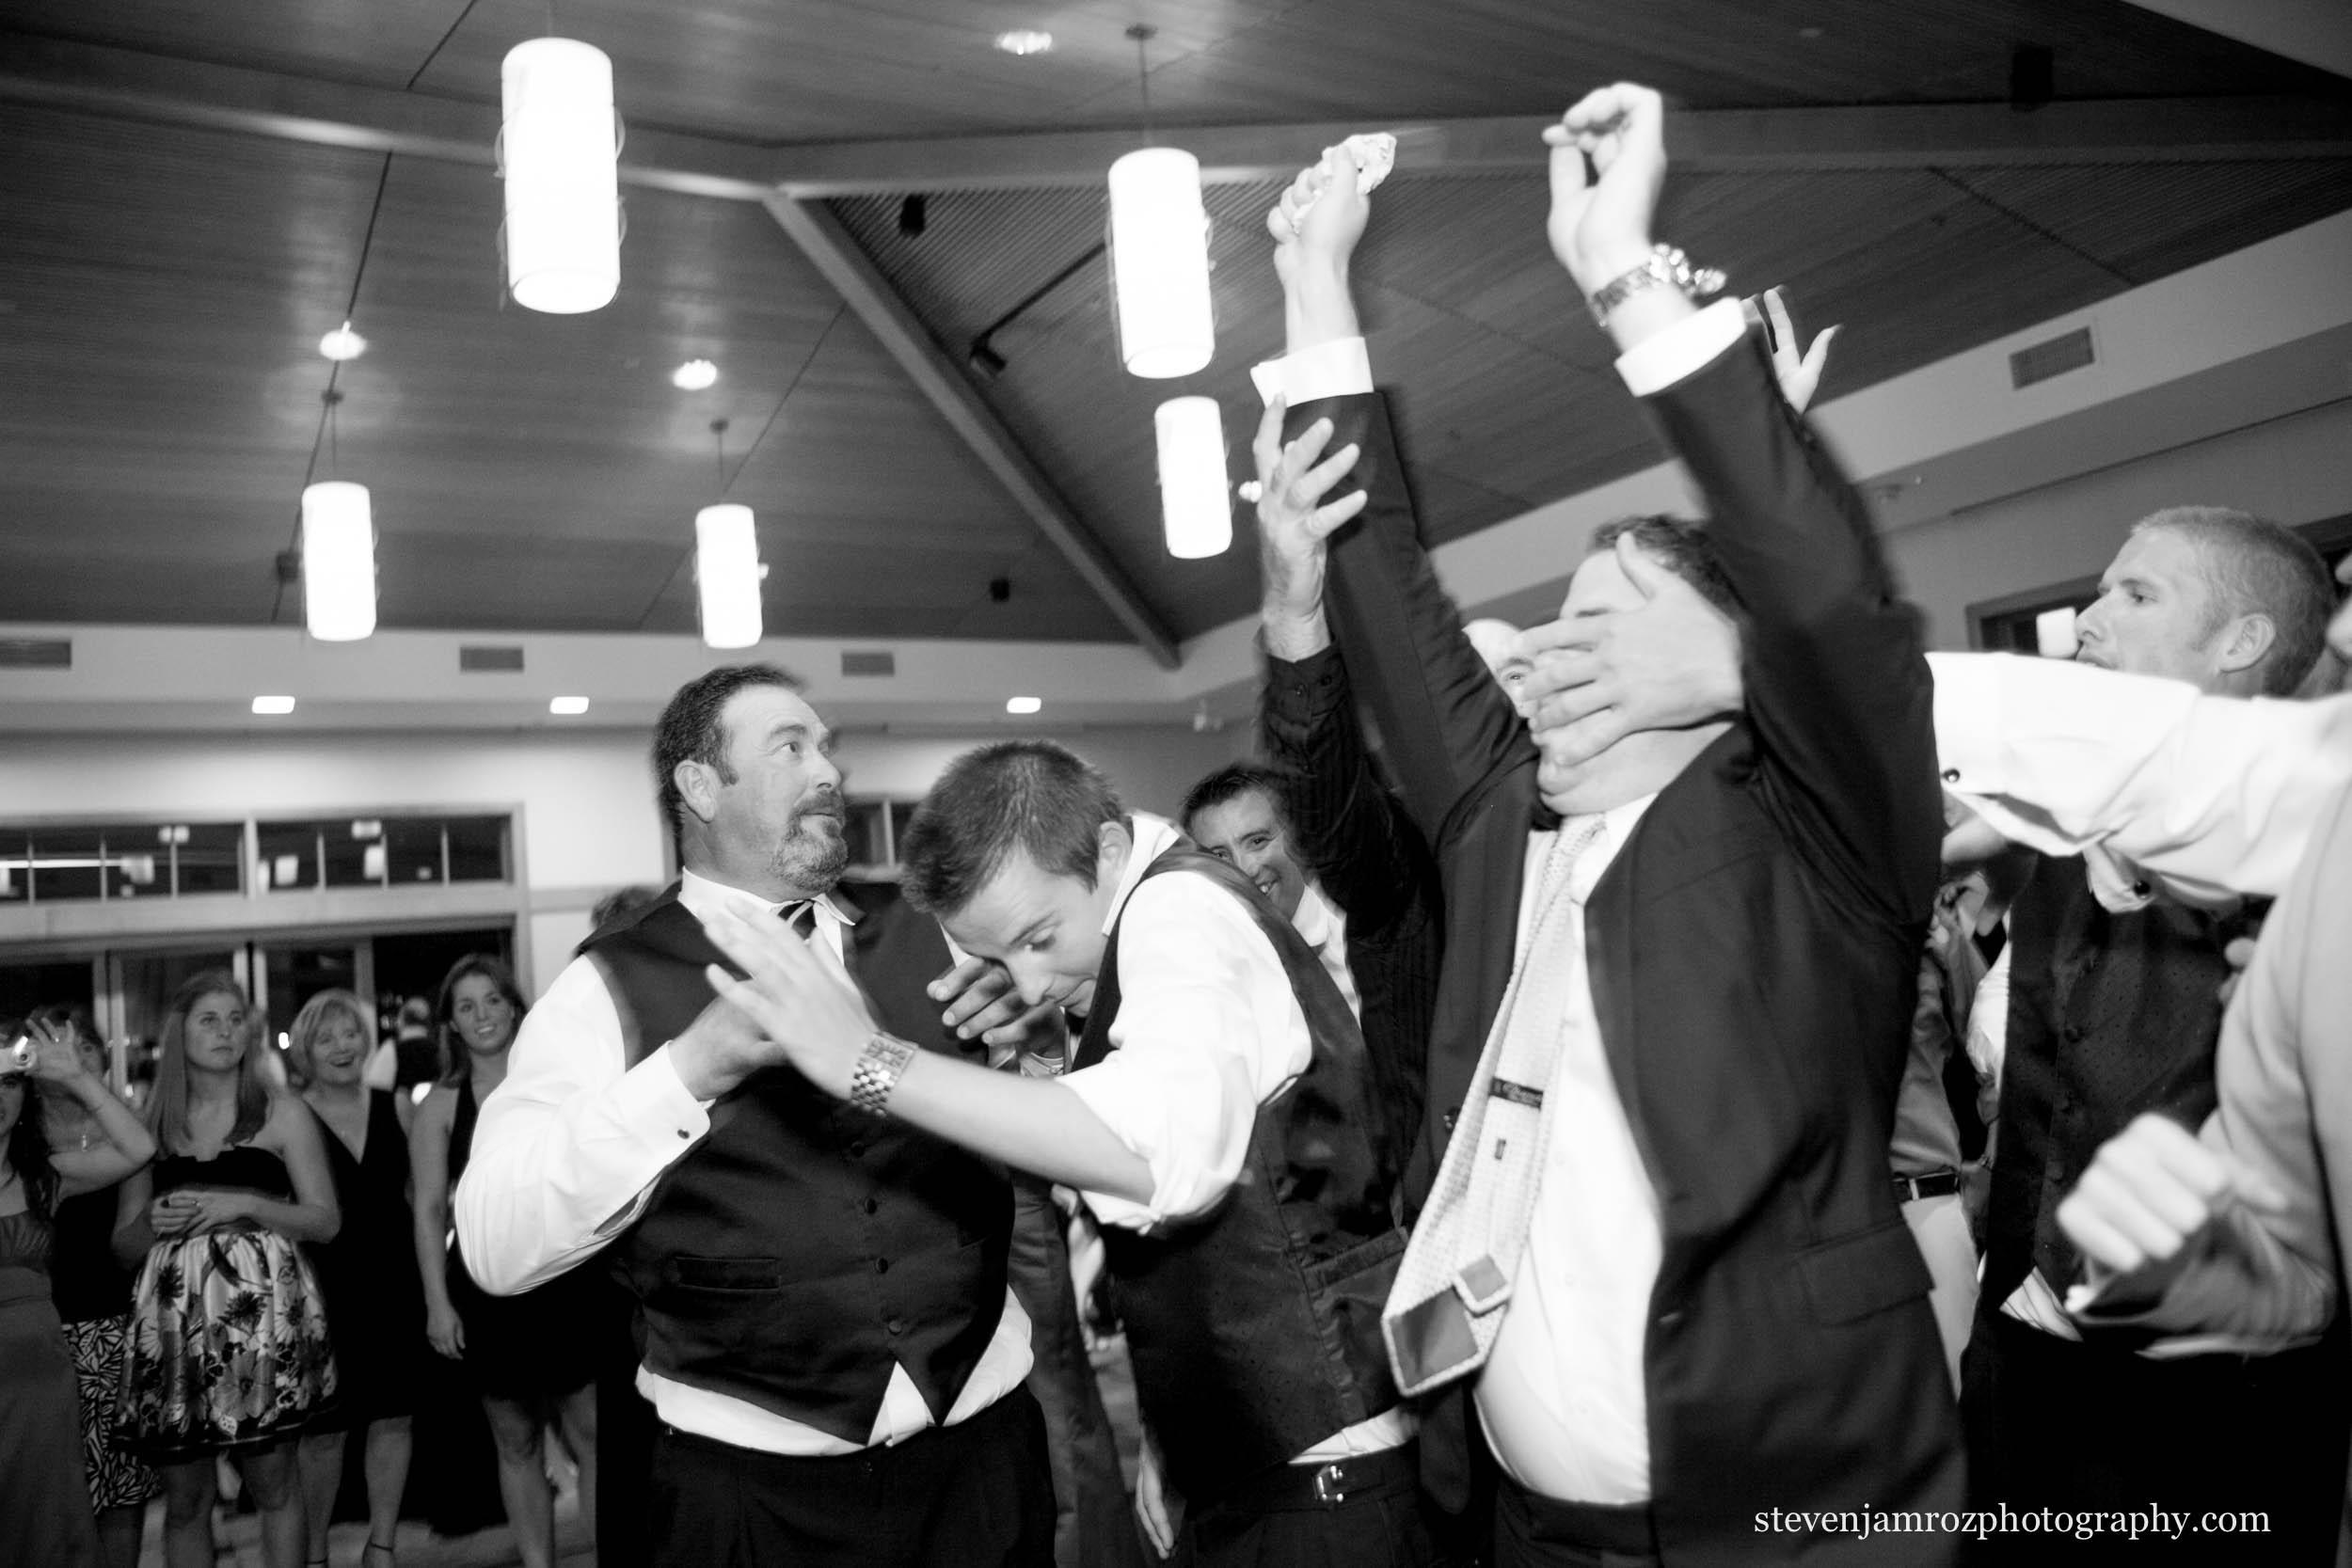 man-catches-garter-raleigh-wedding-steven-jamroz-photography-0560.jpg